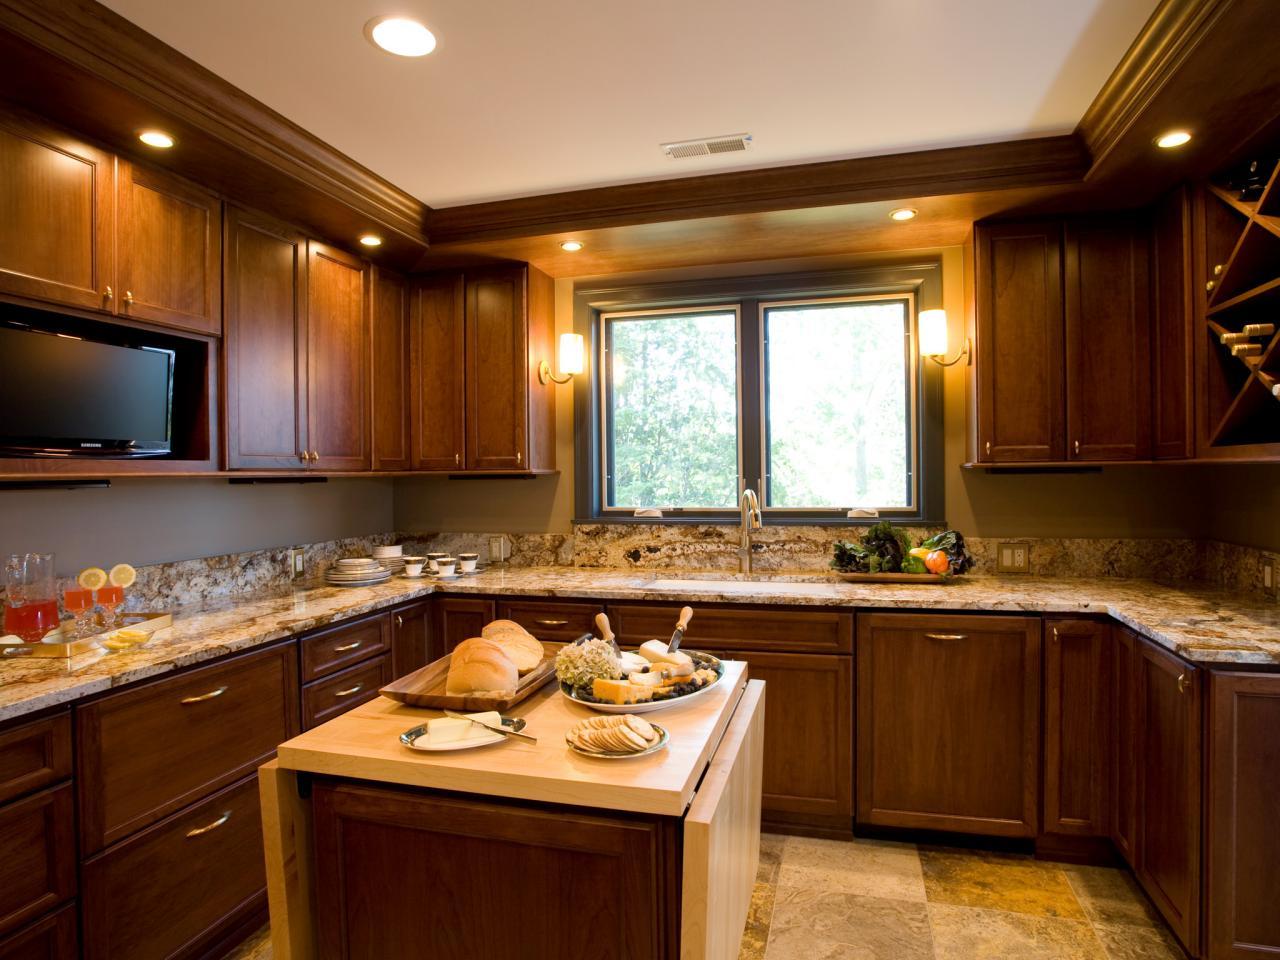 îlot-de-cuisine-portable-traditionnel-avec-ilot-de-cuisine-portable-double-face-rabattable-ilot-de-cuisine-cuisine-gain de place-portable-et-petit-ilot